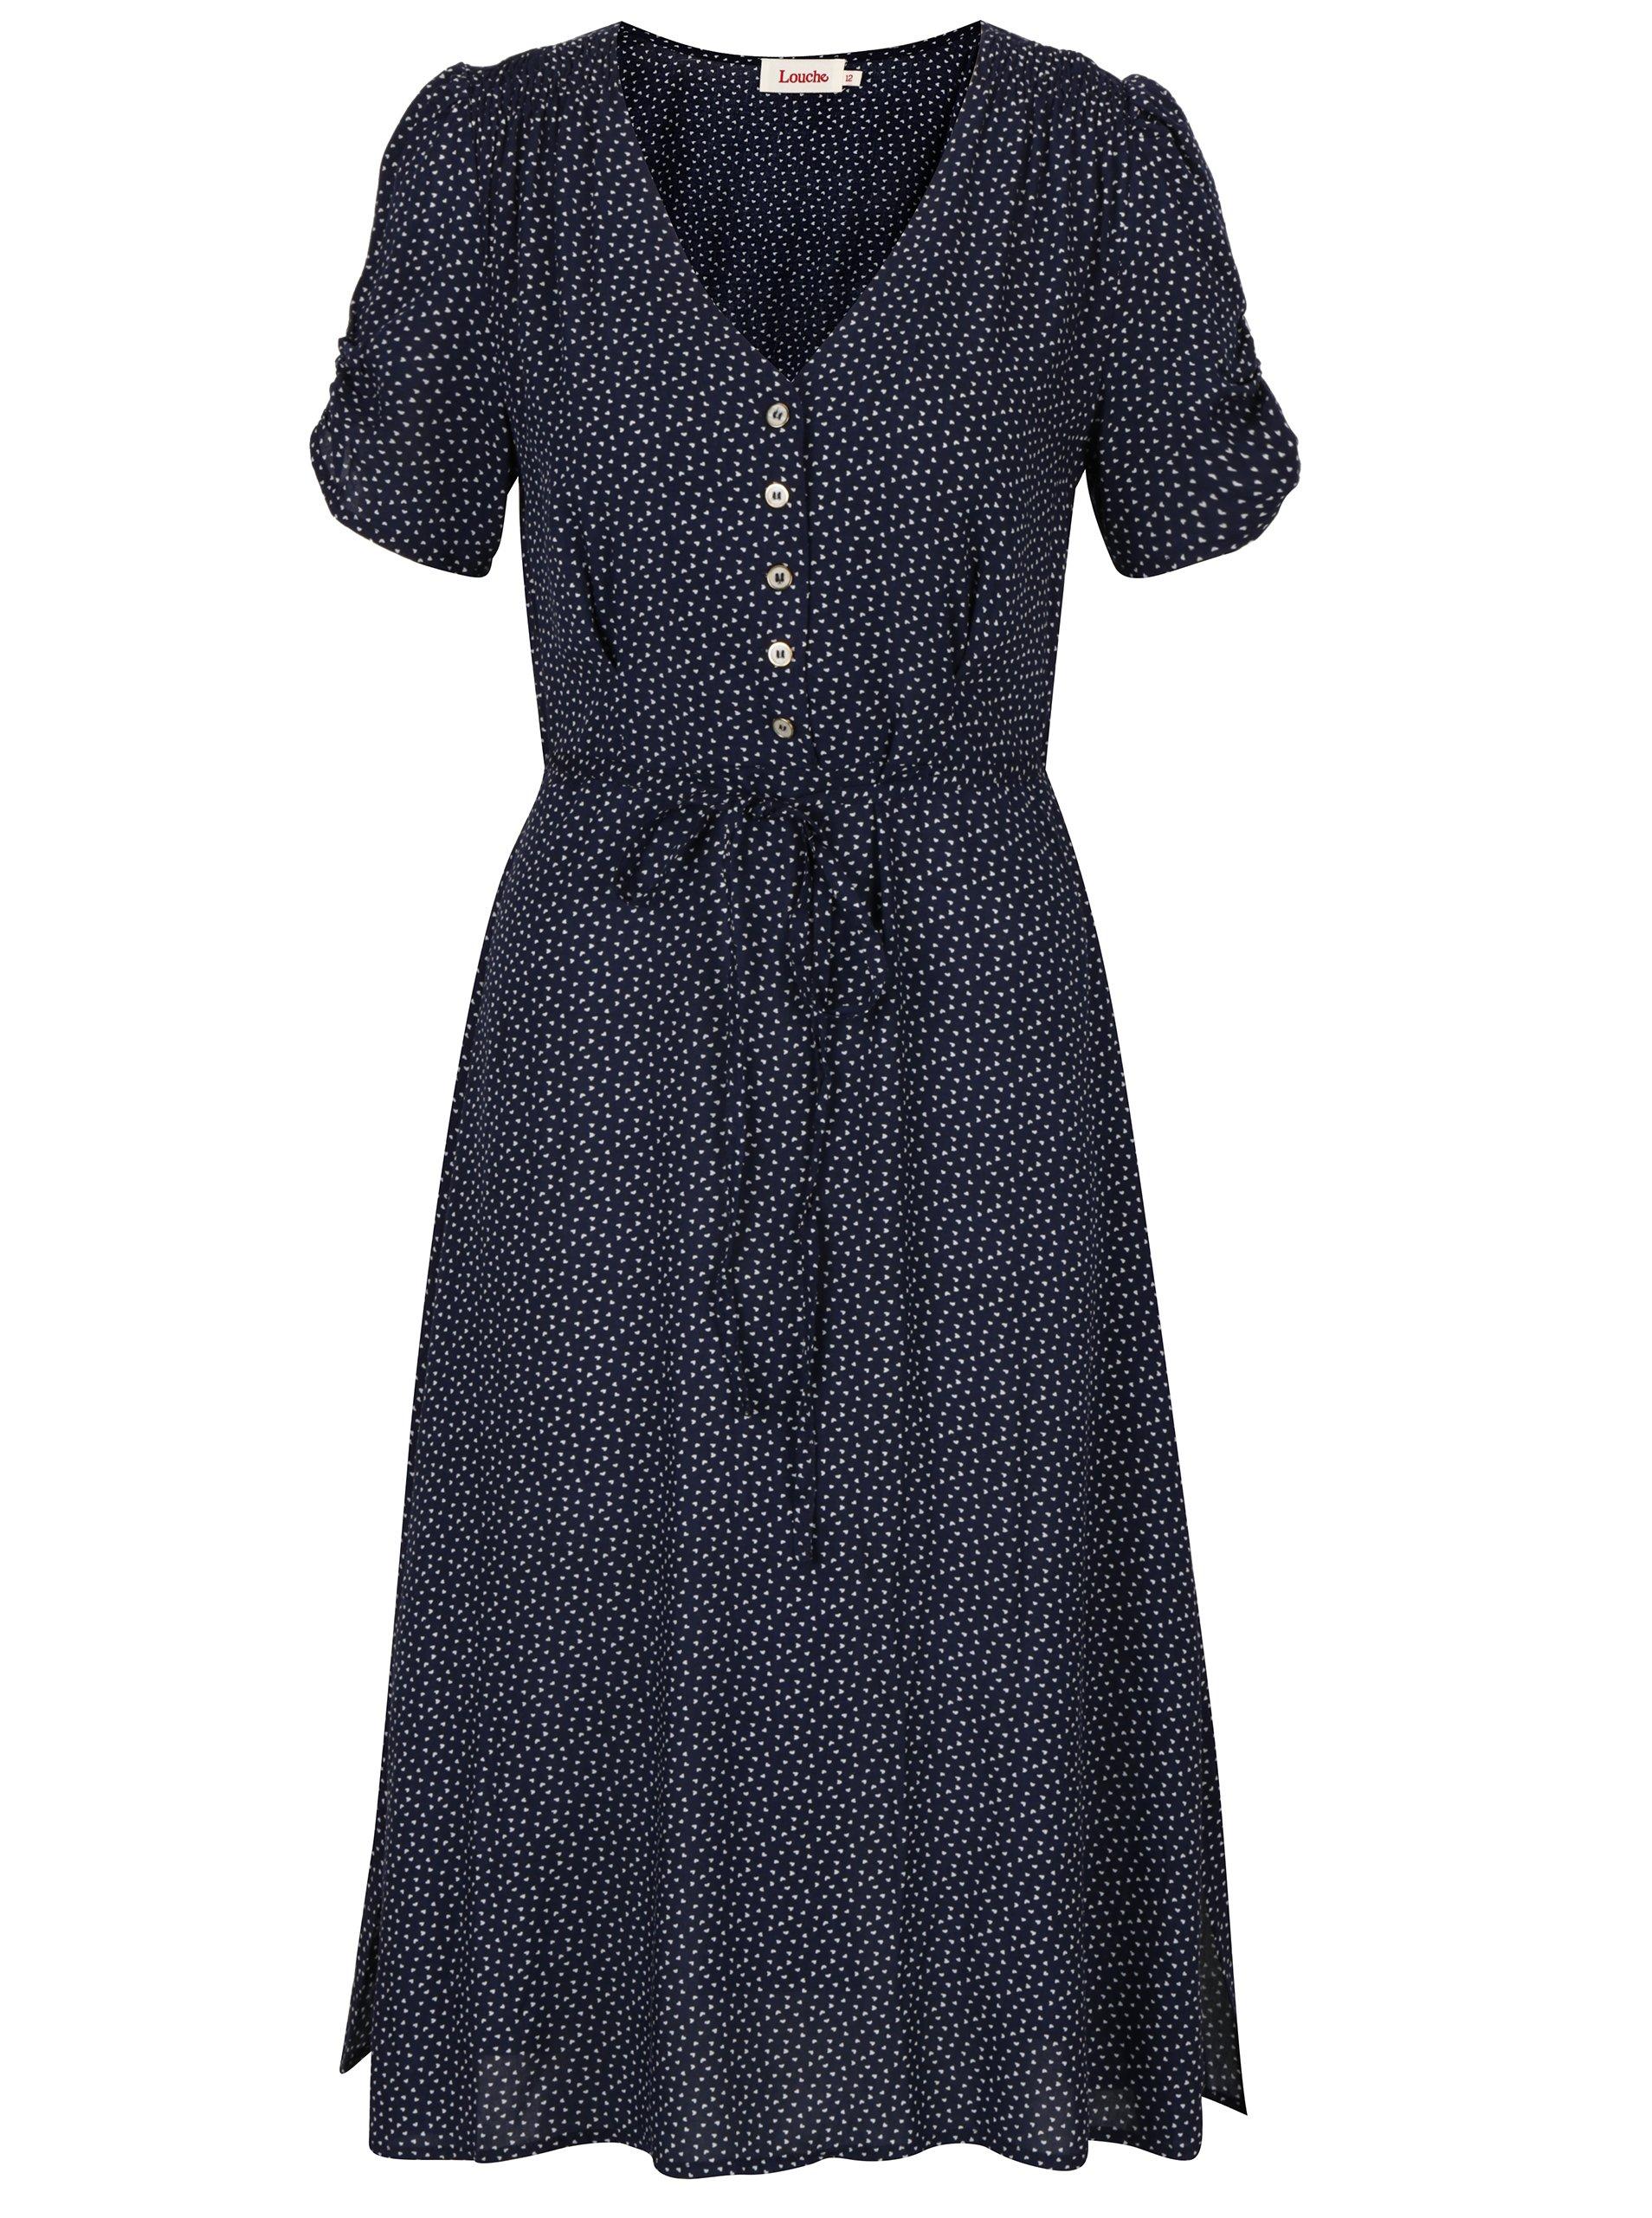 Tmavě modré šaty s motivem srdcí Louche London